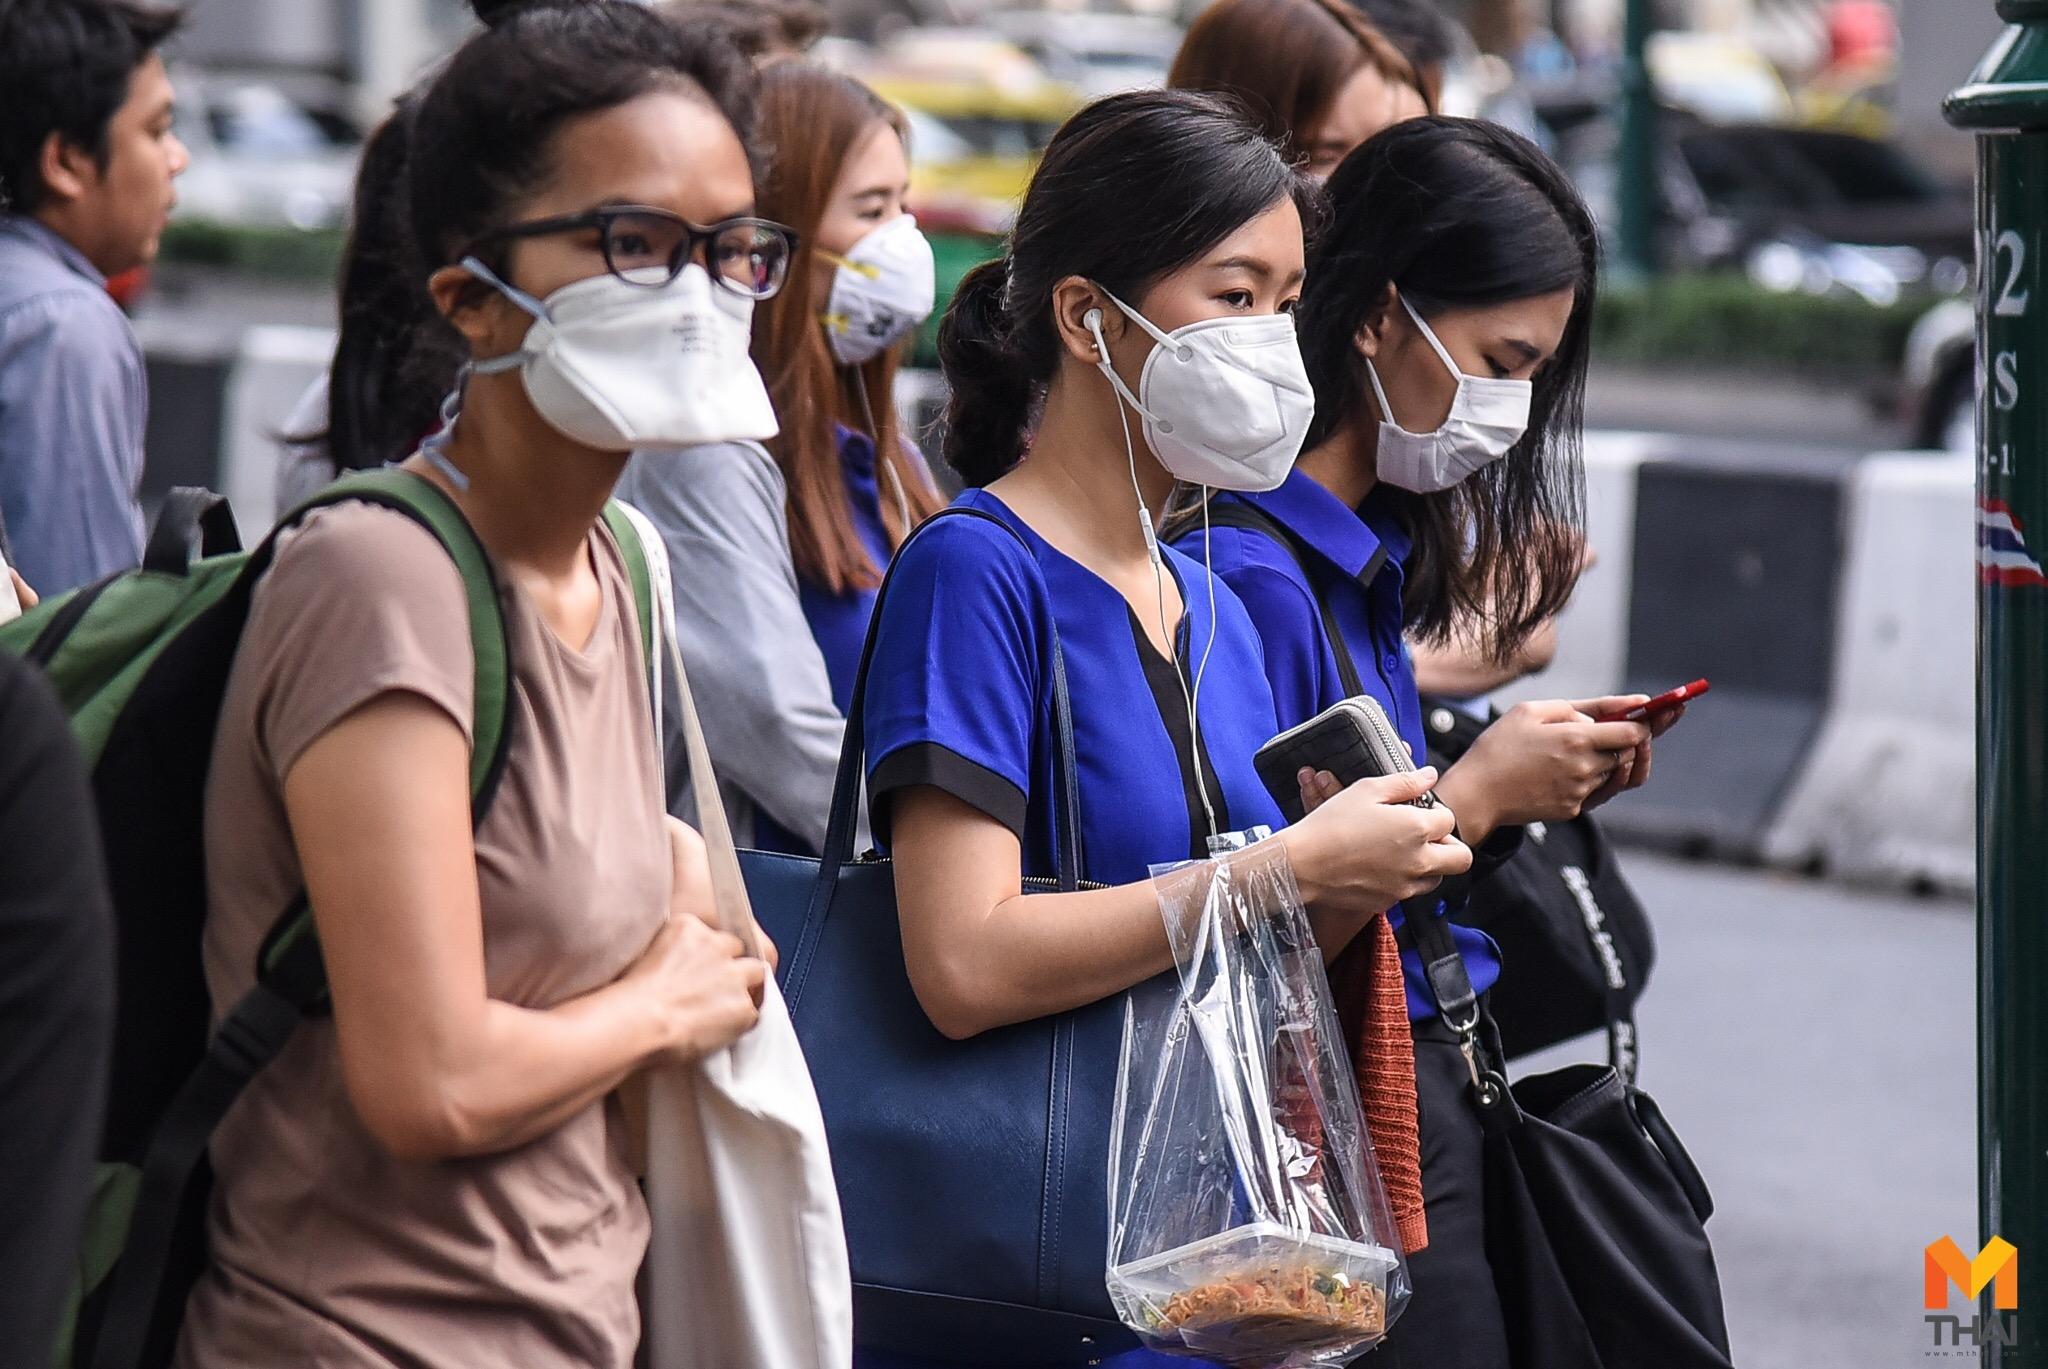 ข่าวสดวันนี้ ฝุ่น PM2.5 ฝุ่นละออง